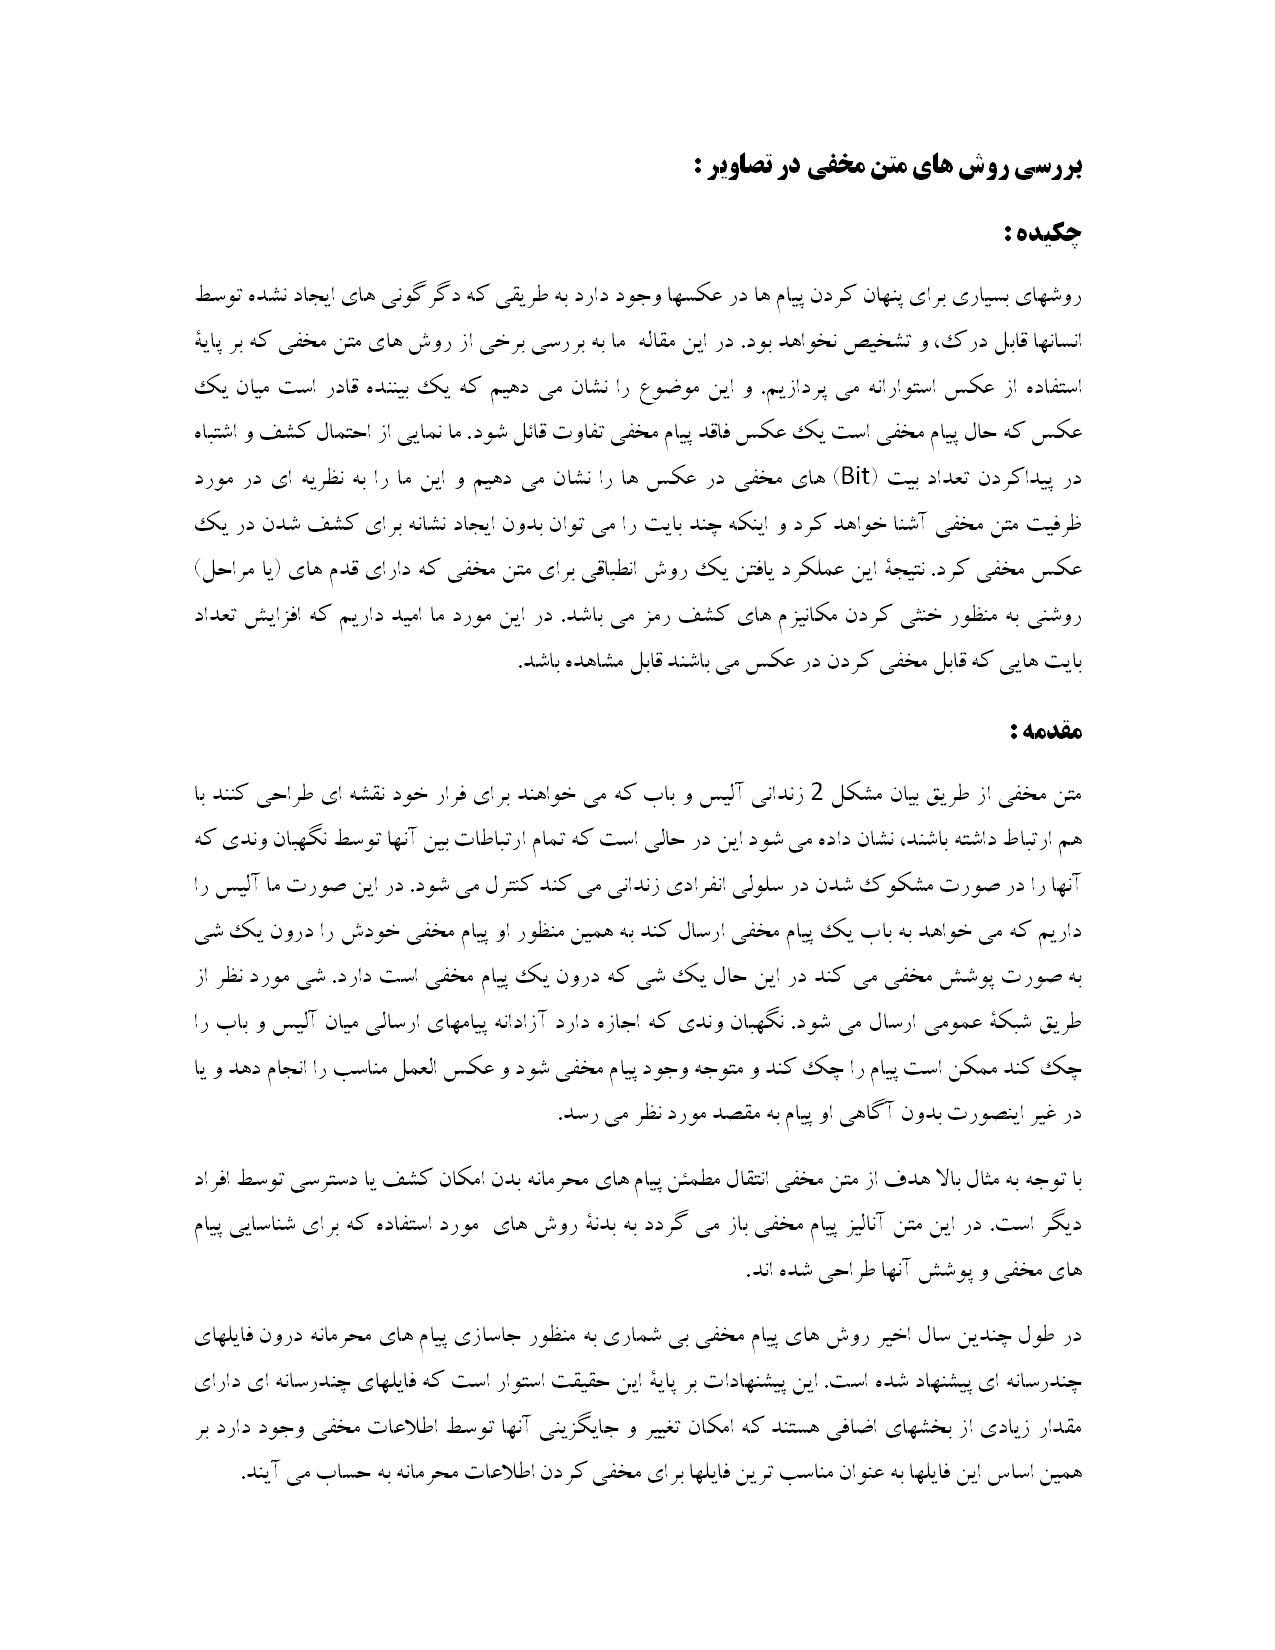 ترجمه مقاله و تحقیق - بررسی روش های متن مخفی در تصاویر 11